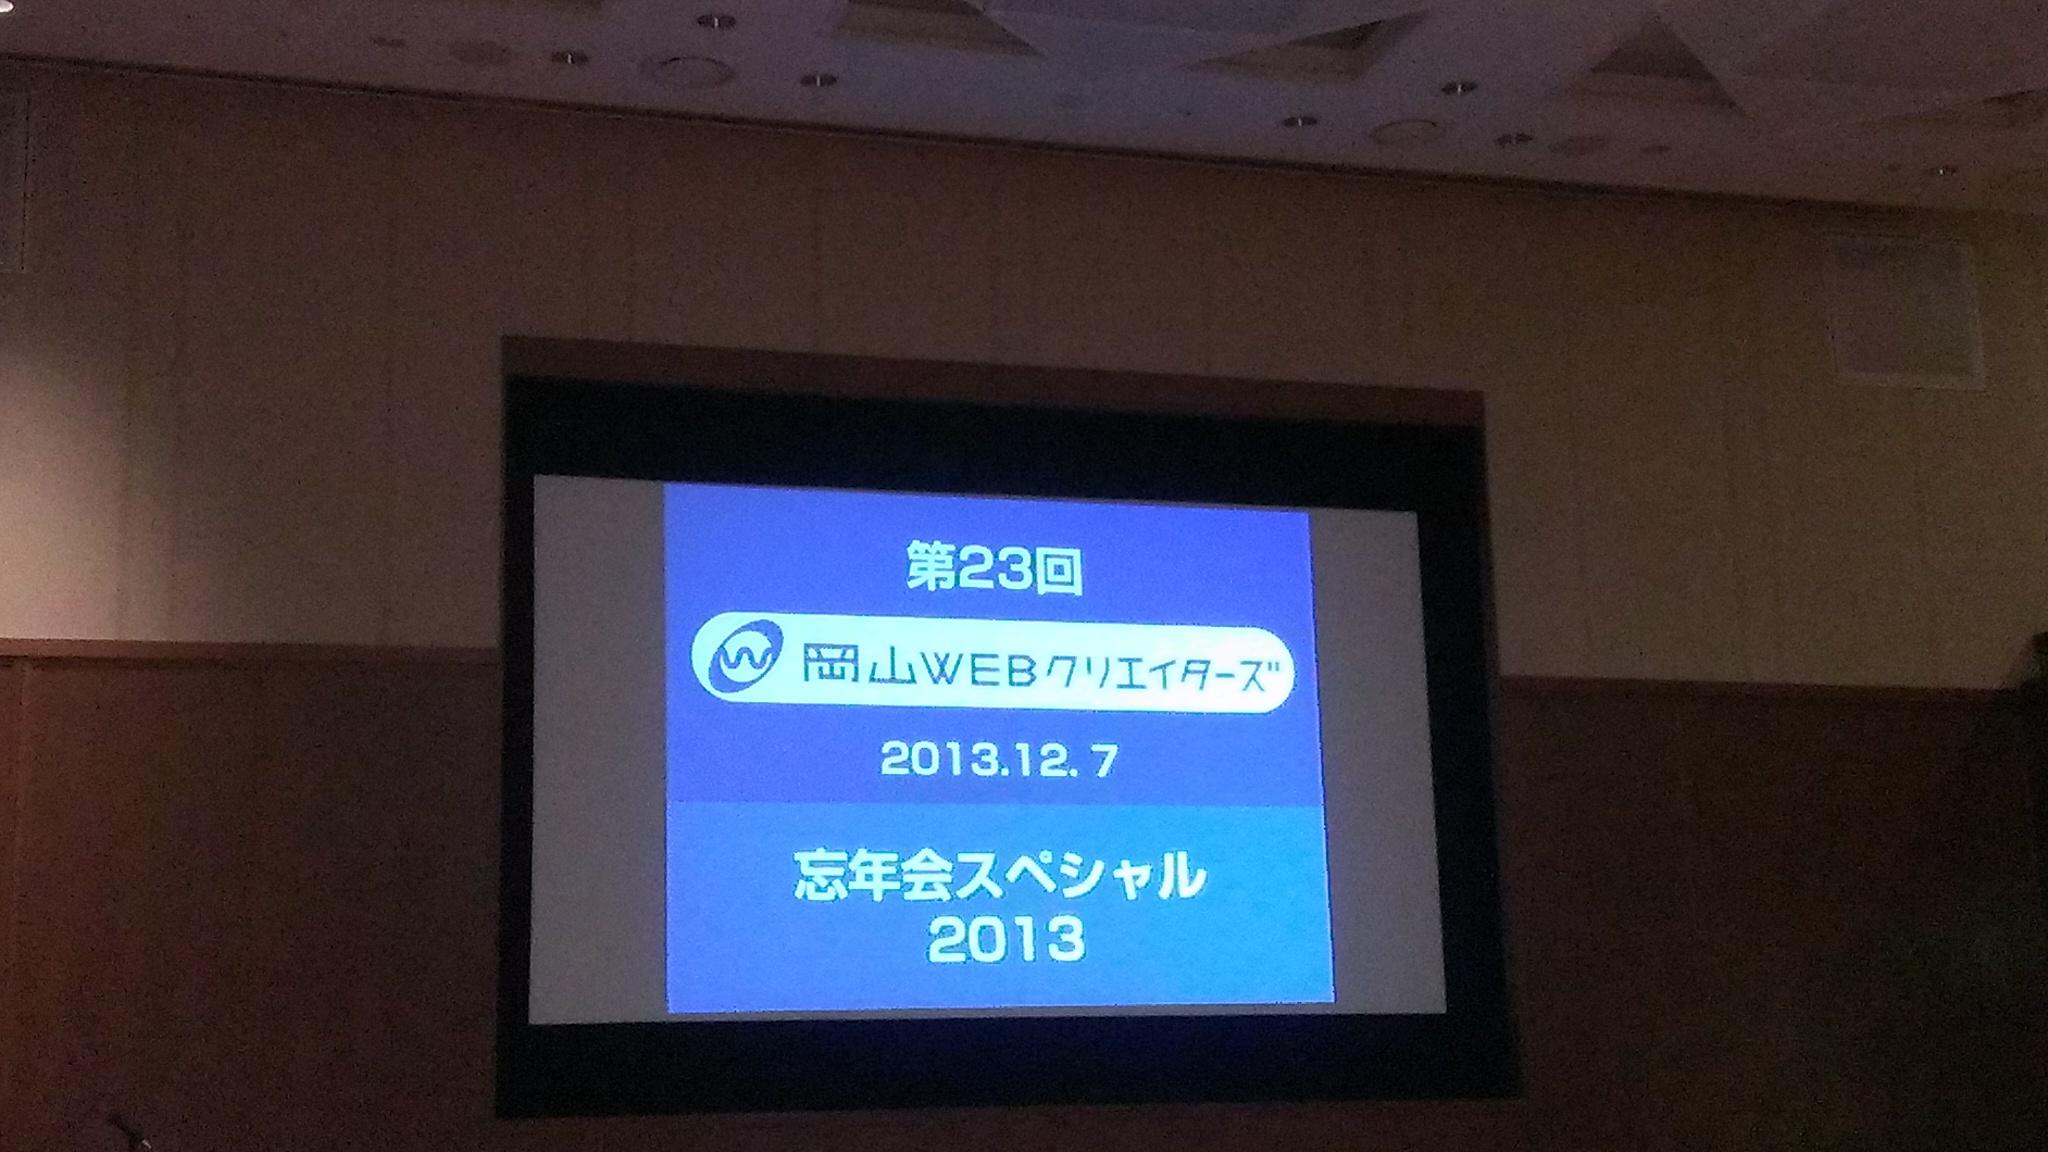 岡山WEB クリエイターズ忘年会スペシャル2013